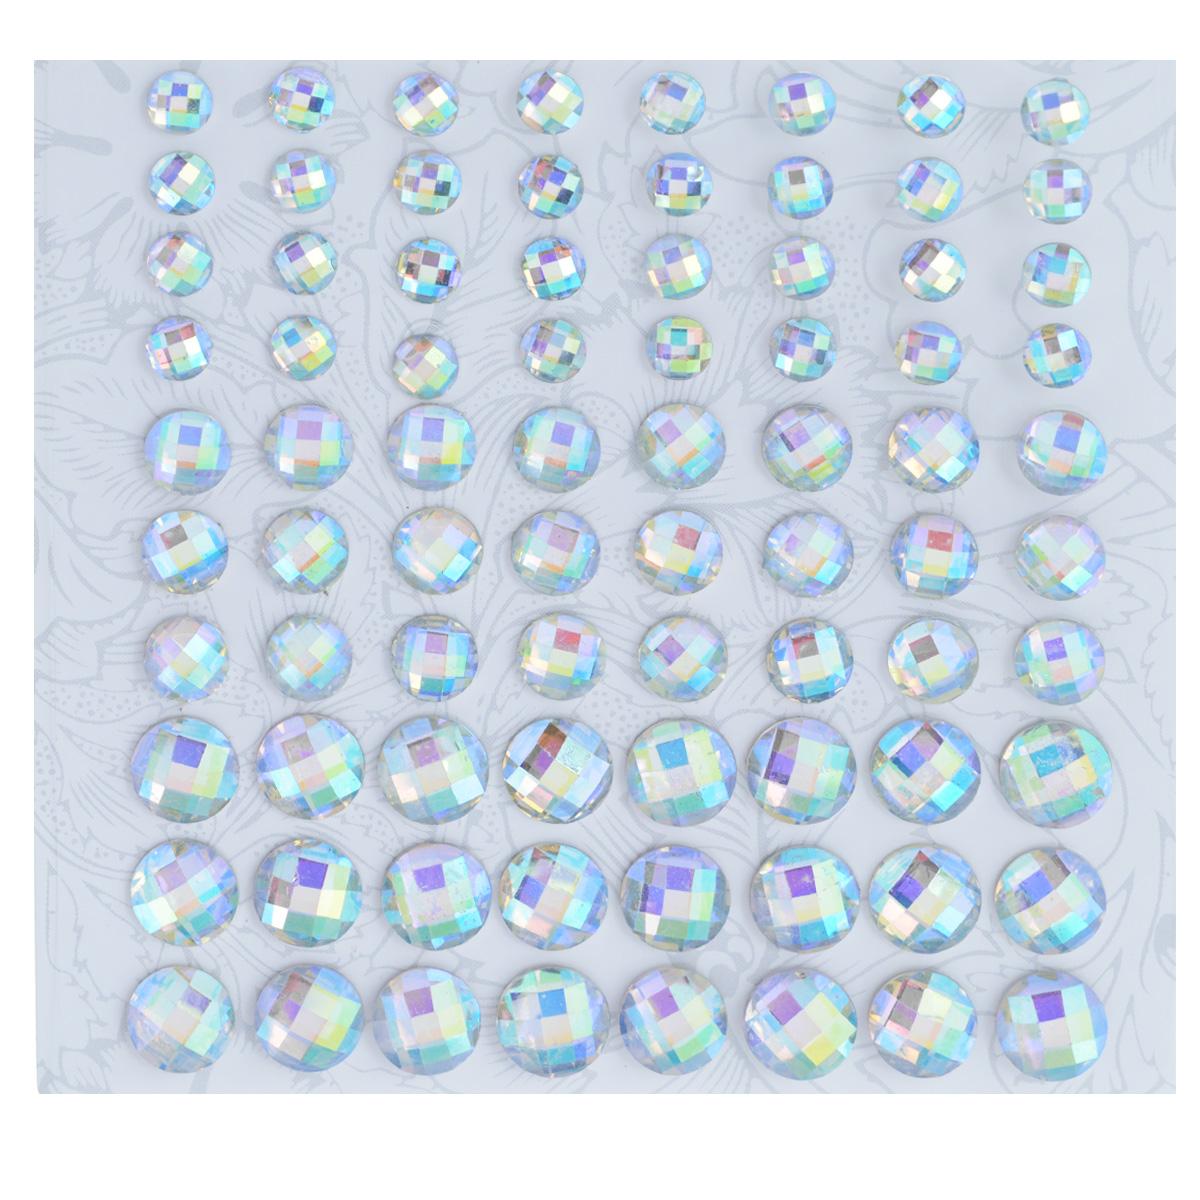 Наклейки декоративные Астра, цвет: перламутровый, 80 шт. 77083667708366Декоративные наклейки Астра, изготовленные из пластика, прекрасно подойдут для оформления творческих работ в технике скрапбукинга. Их можно использовать для украшения фотоальбомов, скрап-страничек, подарков, конвертов, фоторамок, открыток и т.д. Объемные наклейки круглой формы с рельефной поверхностью оснащены задней клейкой стороной. Скрапбукинг - это хобби, которое способно приносить массу приятных эмоций не только человеку, который этим занимается, но и его близким, друзьям, родным. Это невероятно увлекательное занятие, которое поможет вам сохранить наиболее памятные и яркие моменты вашей жизни, а также интересно оформить интерьер дома. Диаметр наклеек: 6 мм, 8 мм, 10 мм.